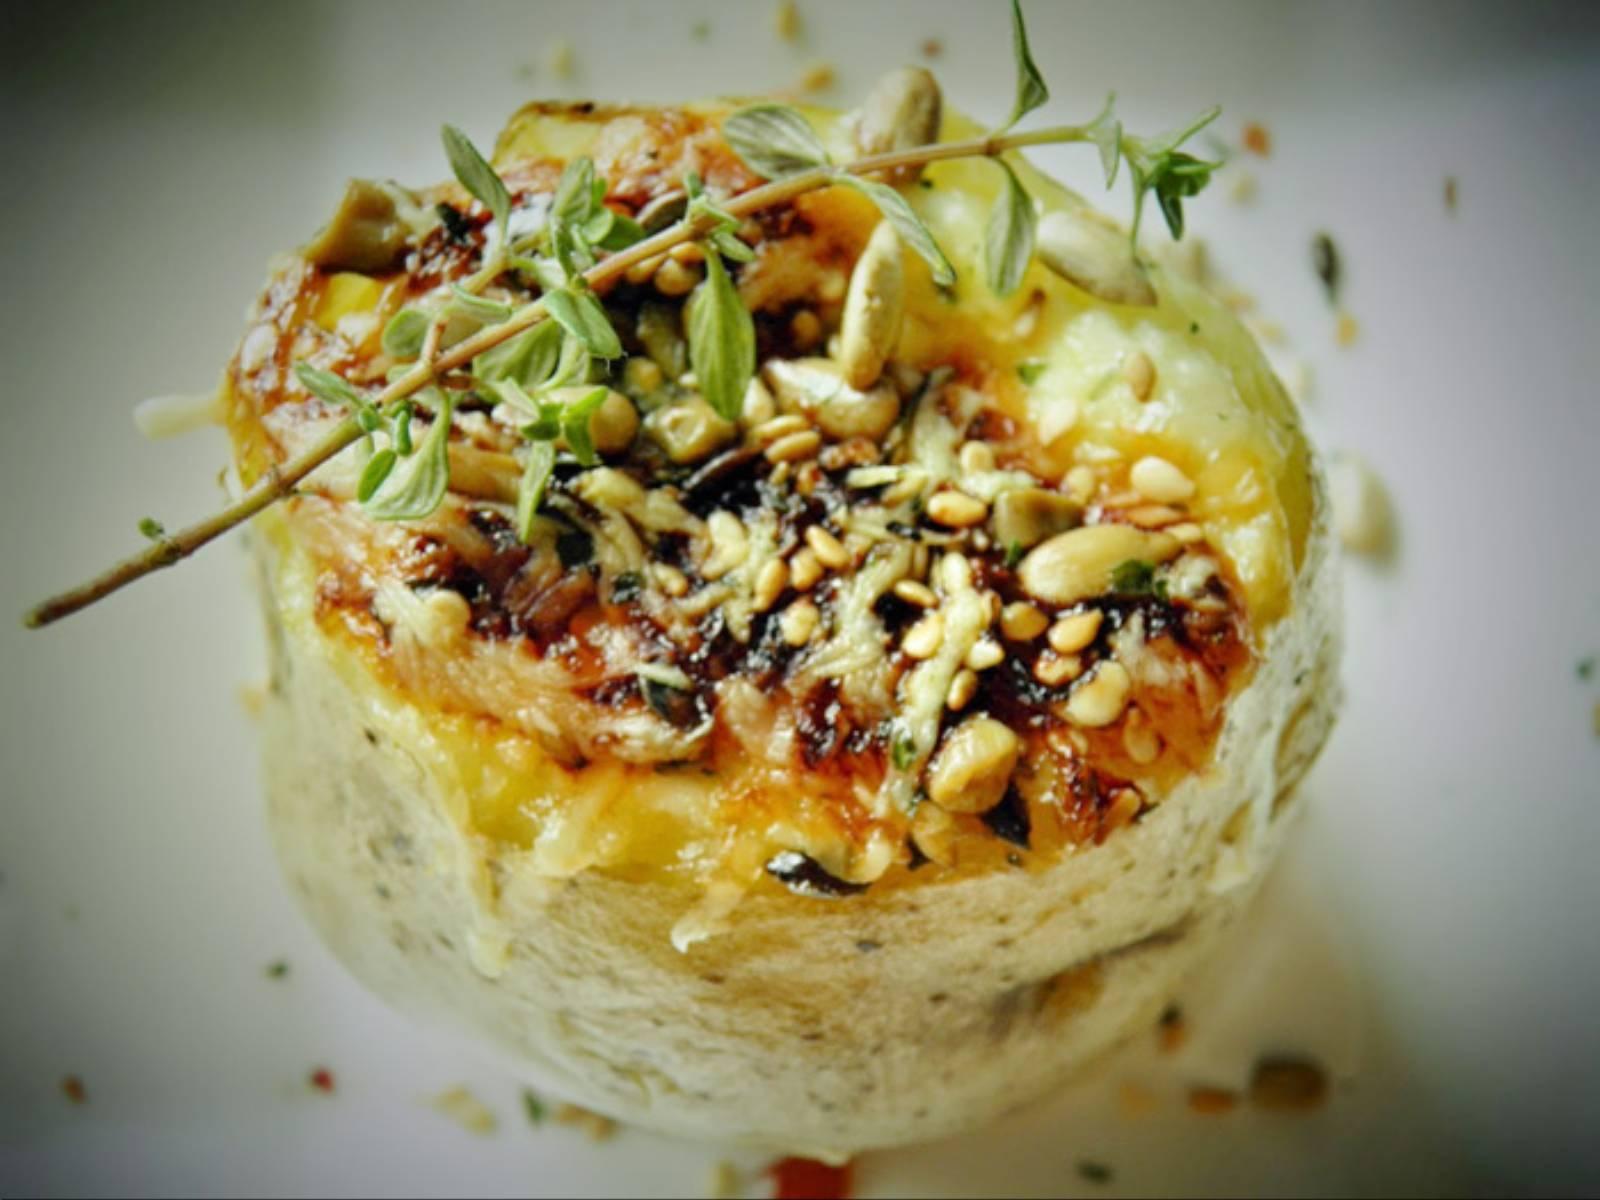 Ziemniaki-pieczone-w-folii,-z-czosnkiem-i-twarogiem-FOT.-sio-smutki.blogspot.com